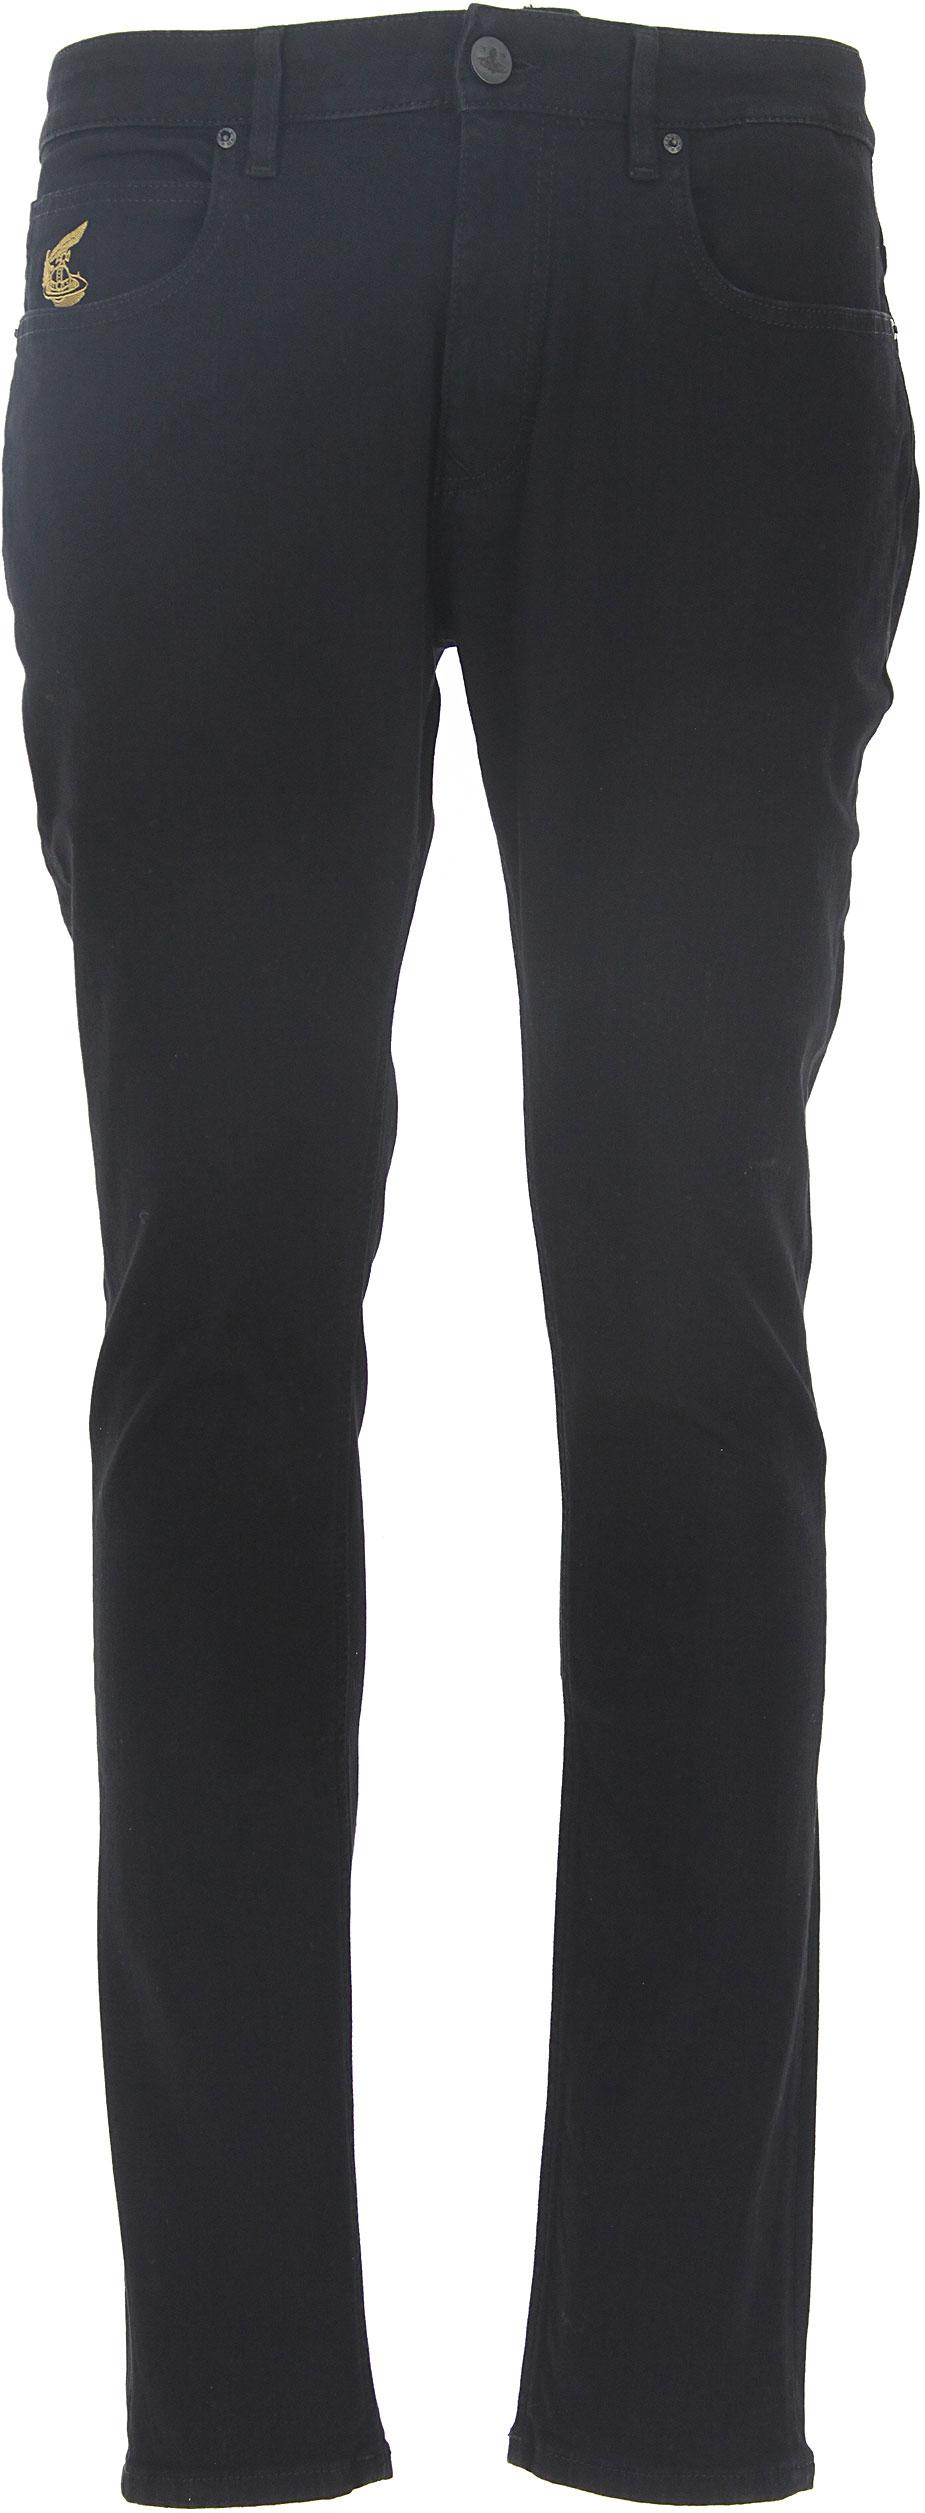 Abbigliamento Uomo Vivienne Westwood, Codice Articolo: vivimclo-ds00zx-ds0b5